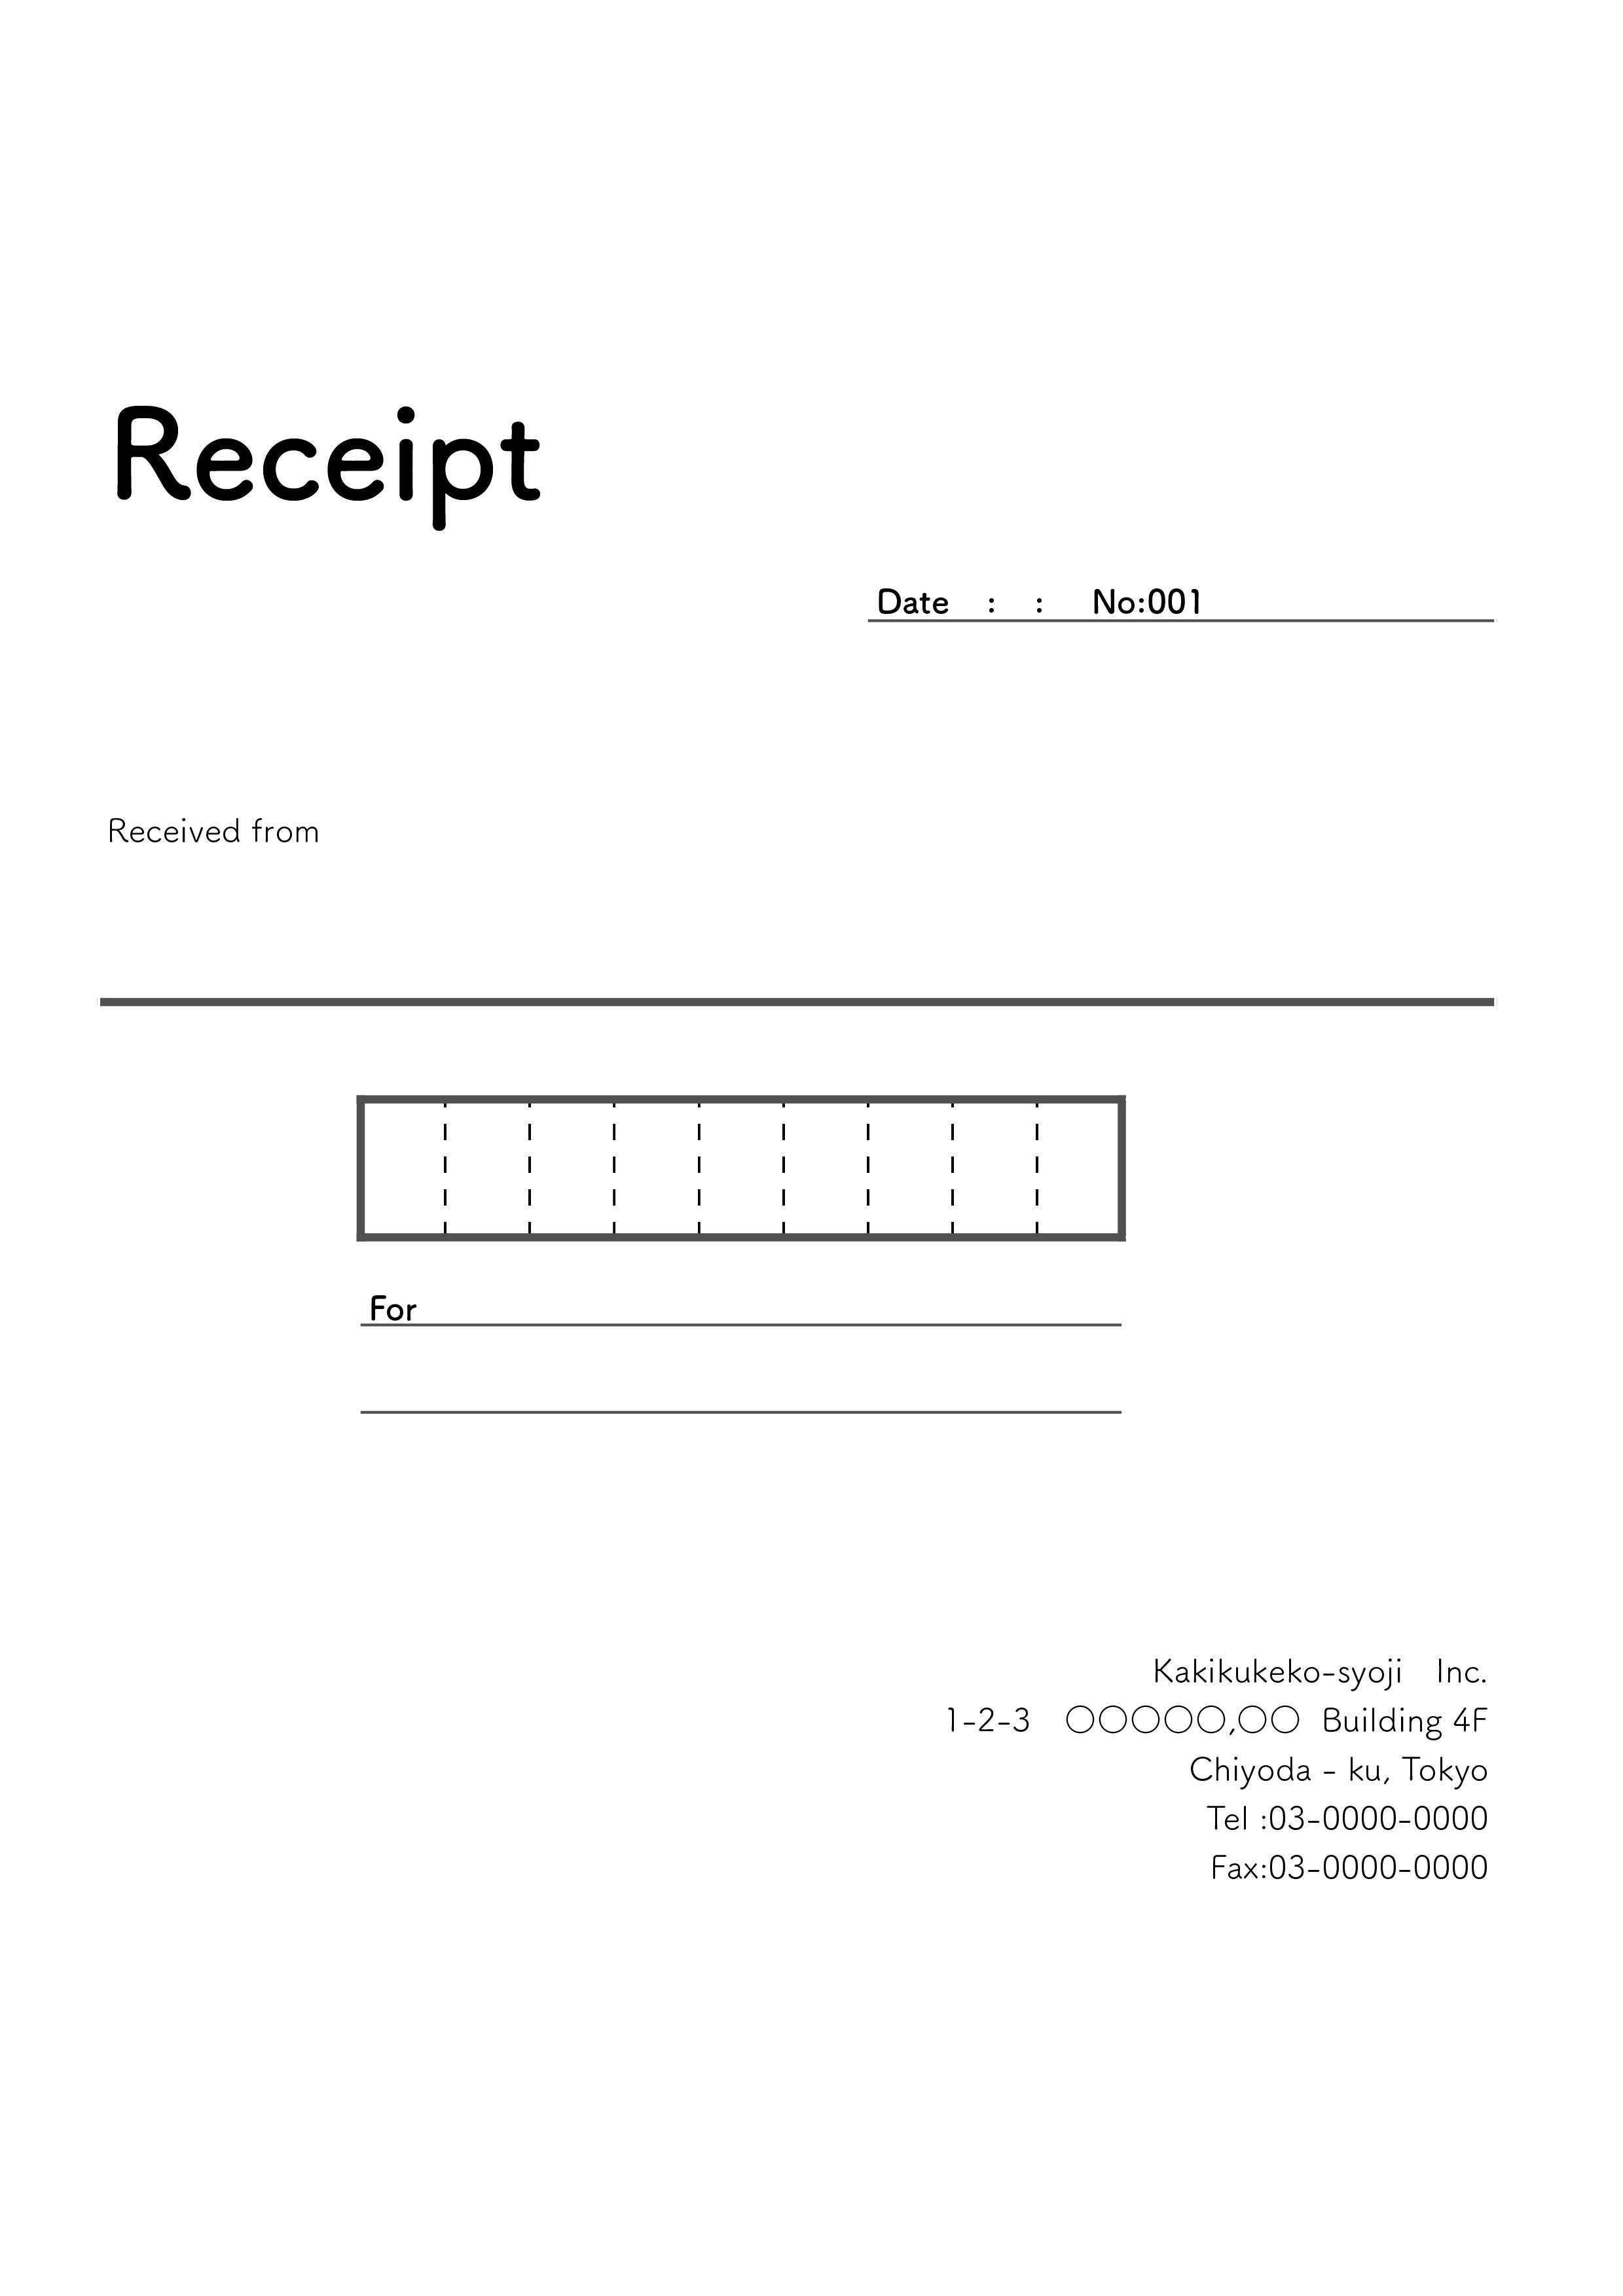 おしゃれな英字の領収書(Receipt)テンプレート(エクセル・ナンバーズ)A4 ブラック